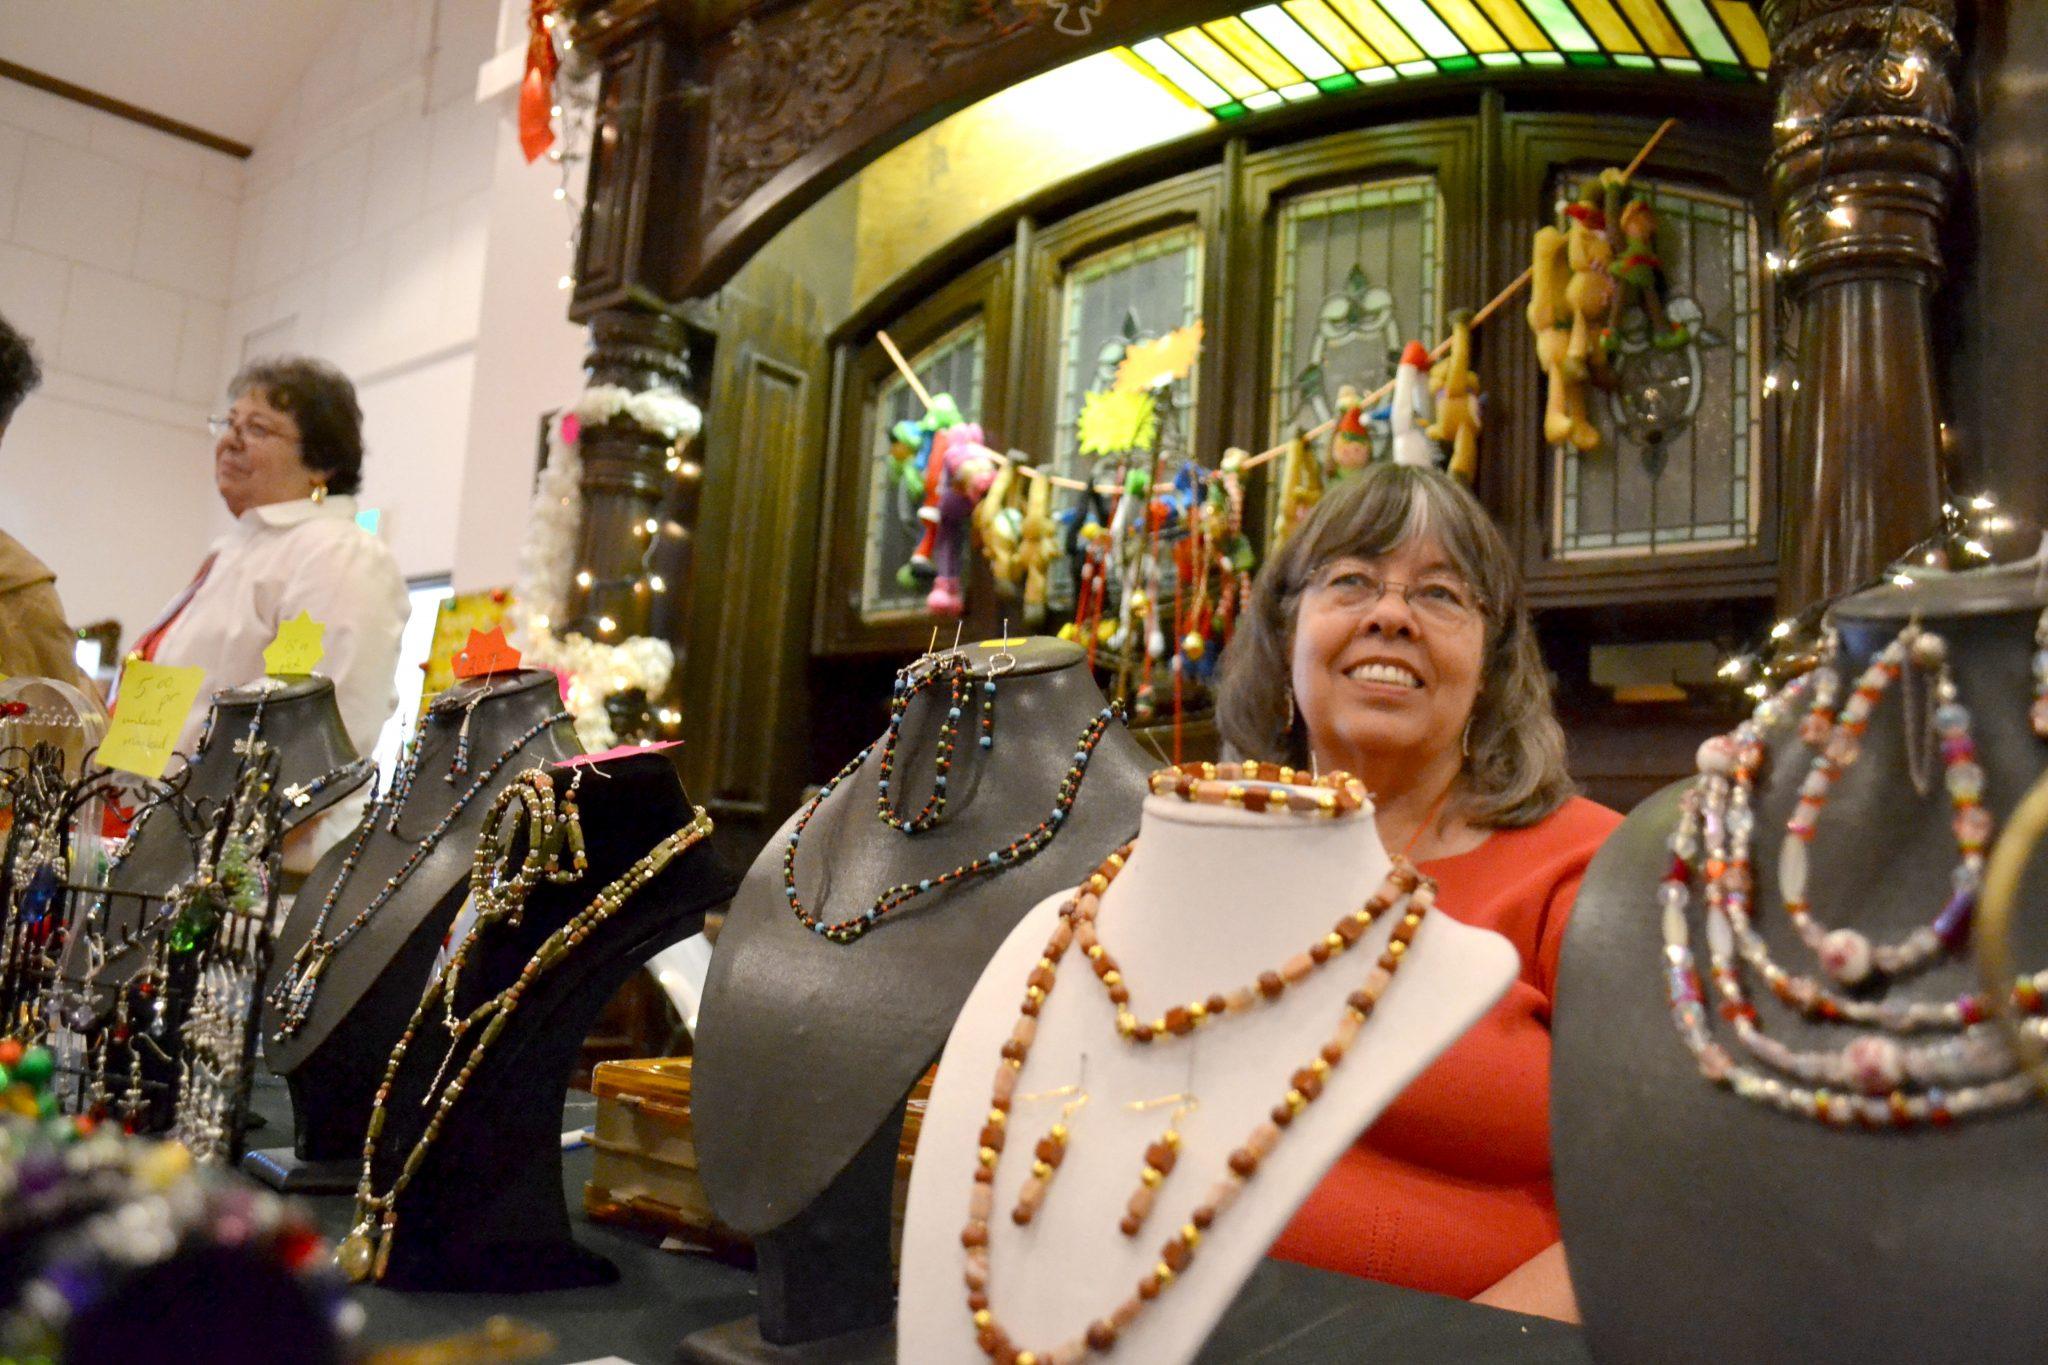 Catholic Ladies Guild gets bazaar in convention center